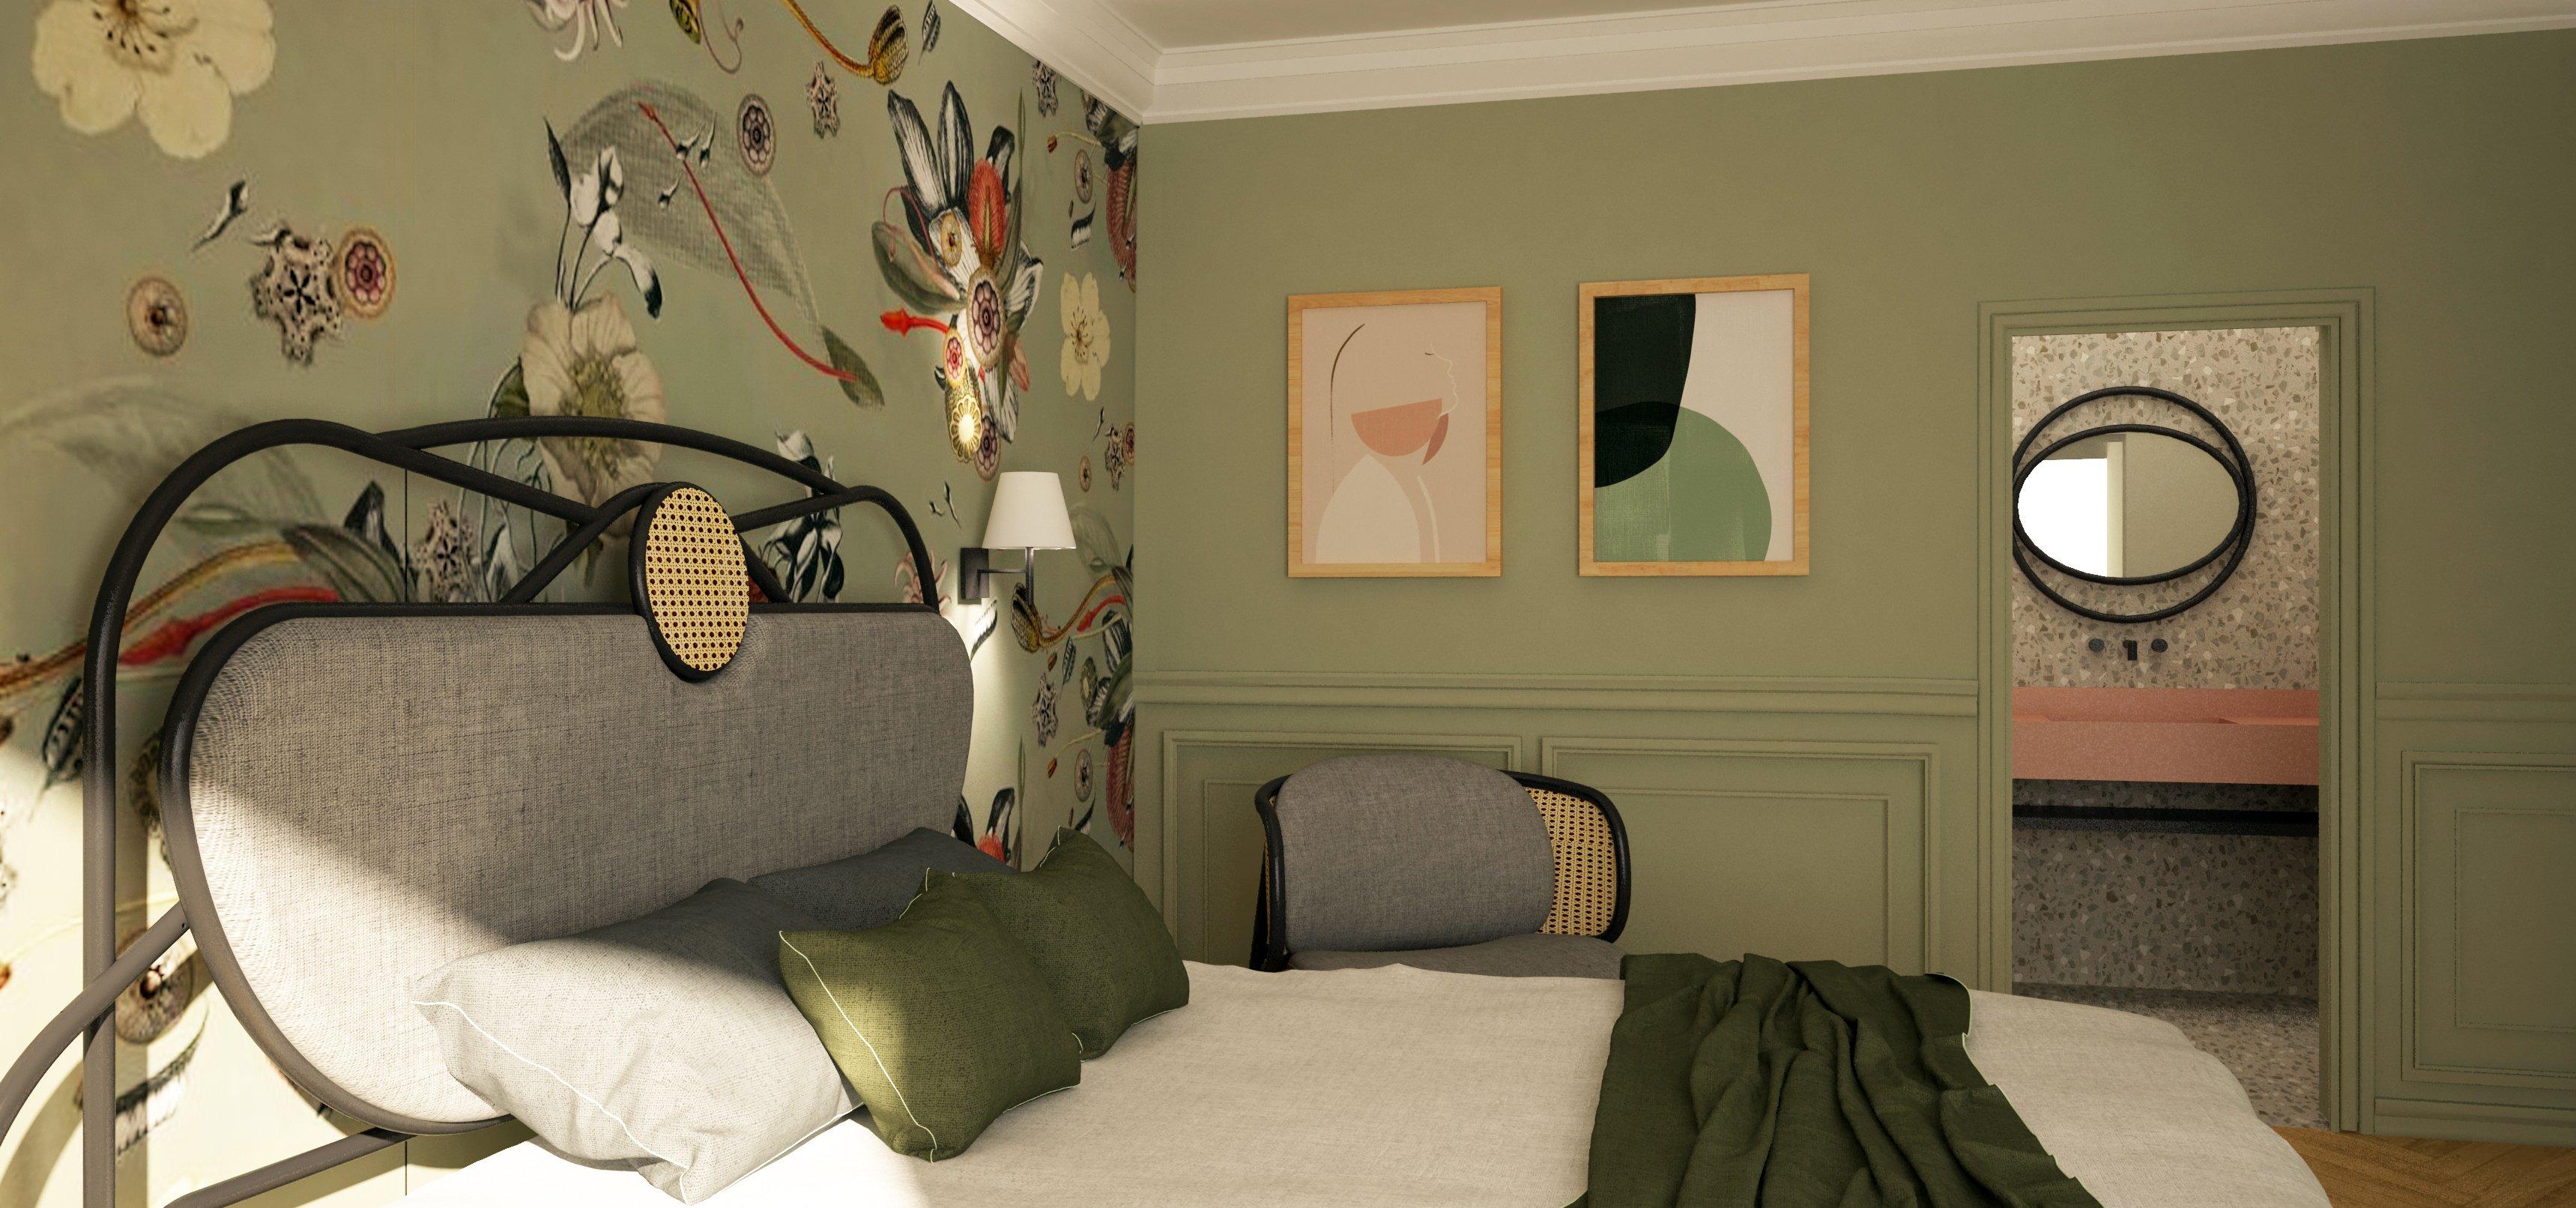 arredamento hotel B&B alberghi case vacanza interior design